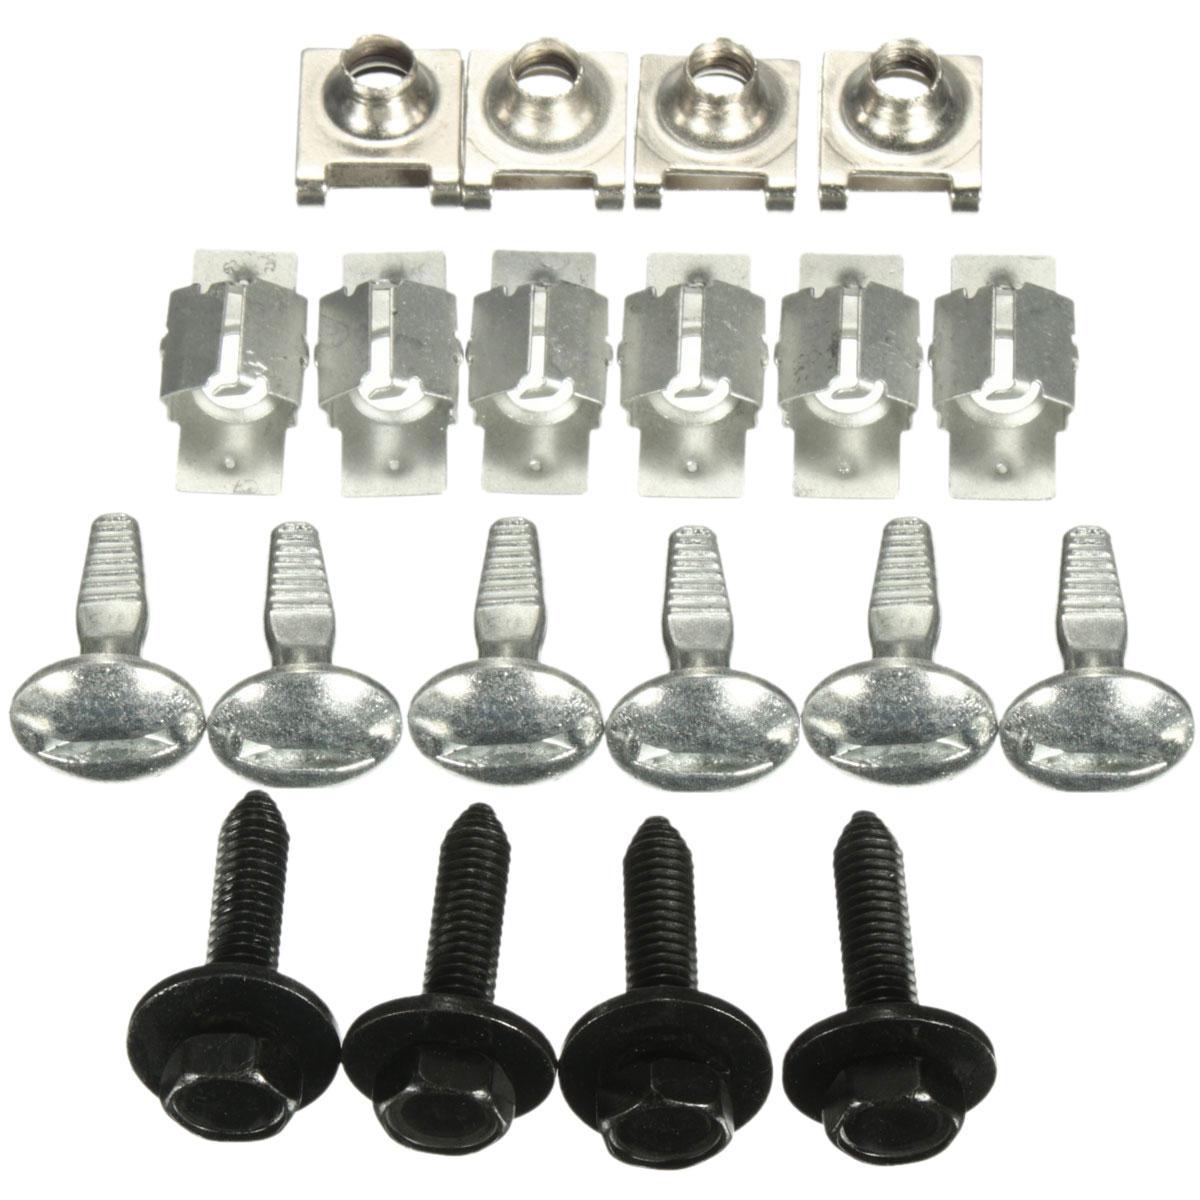 20 шт крышка двигателя крепежный фитинг зажимов комплект винтов для Citroen C5 для Peugeot 407